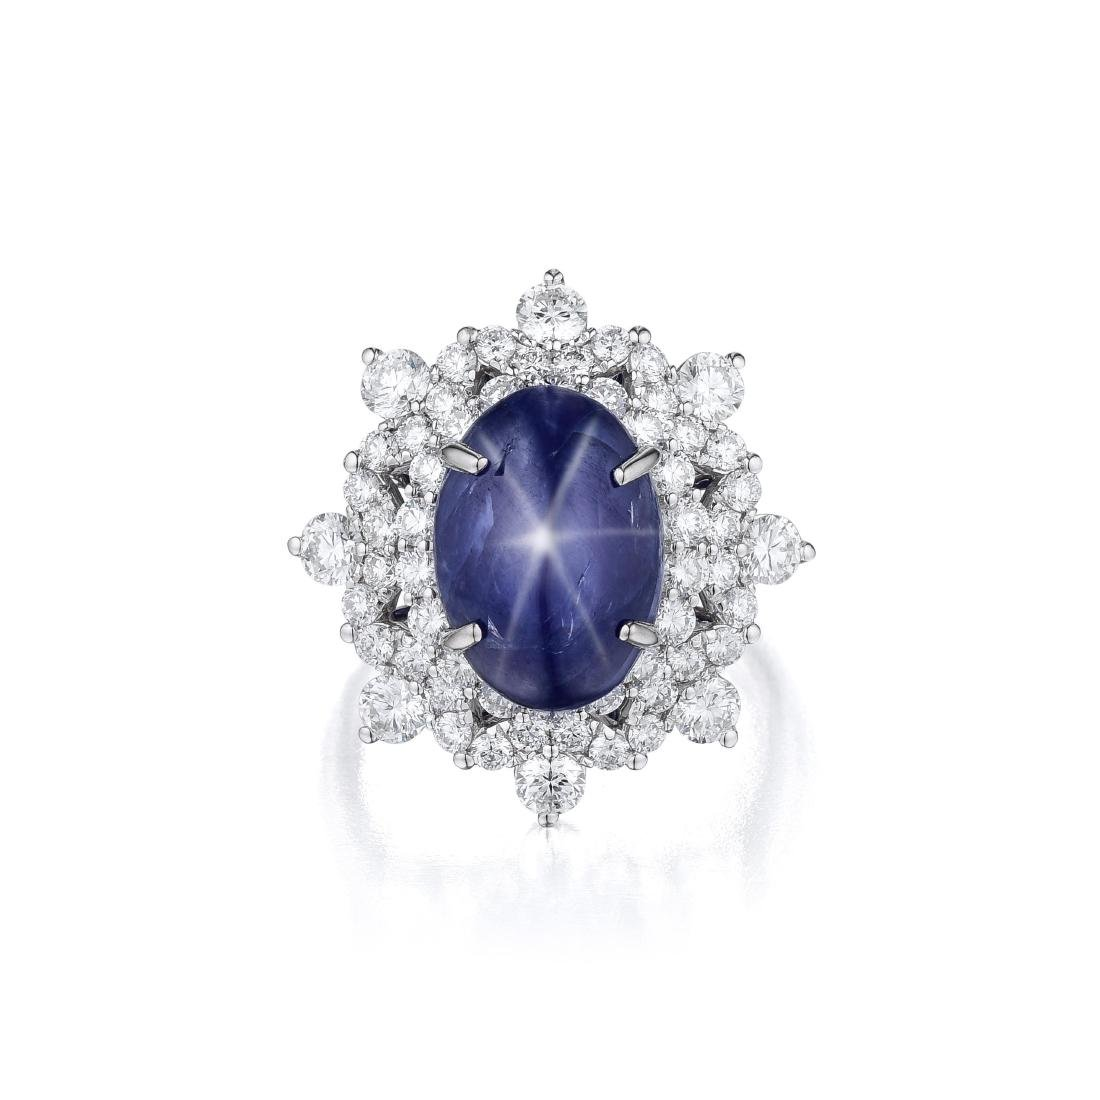 An 18K Gold 5.11-Carat Burmese Star Sapphire and